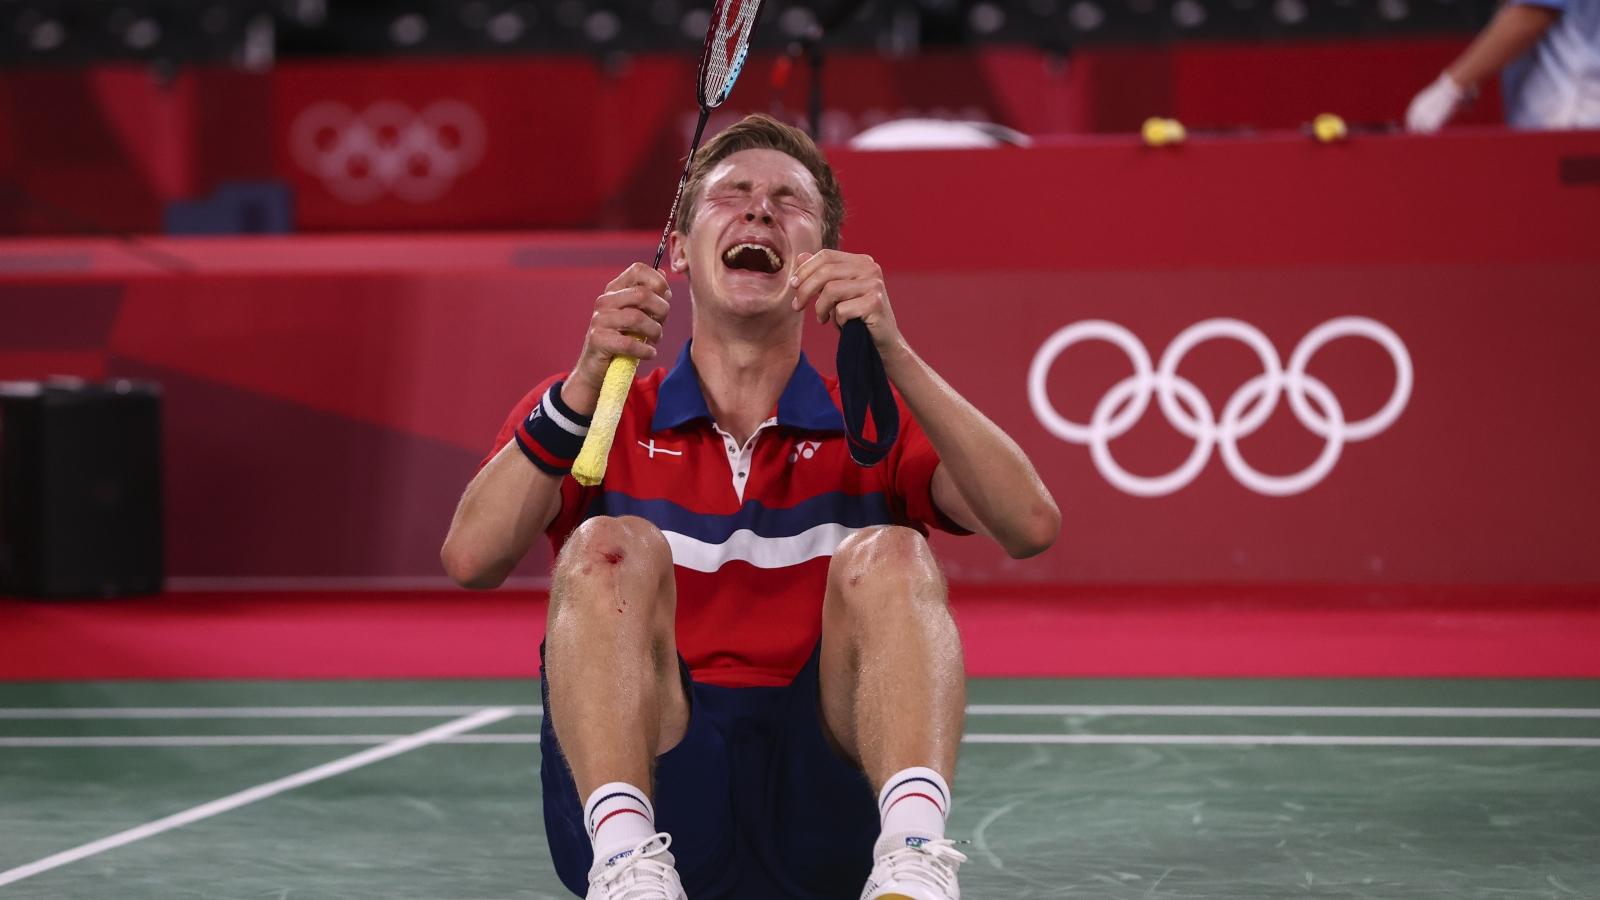 Axelsen hạ Chen Long, chấm dứt sự thống trị của cầu lông Trung Quốc ở Olympic